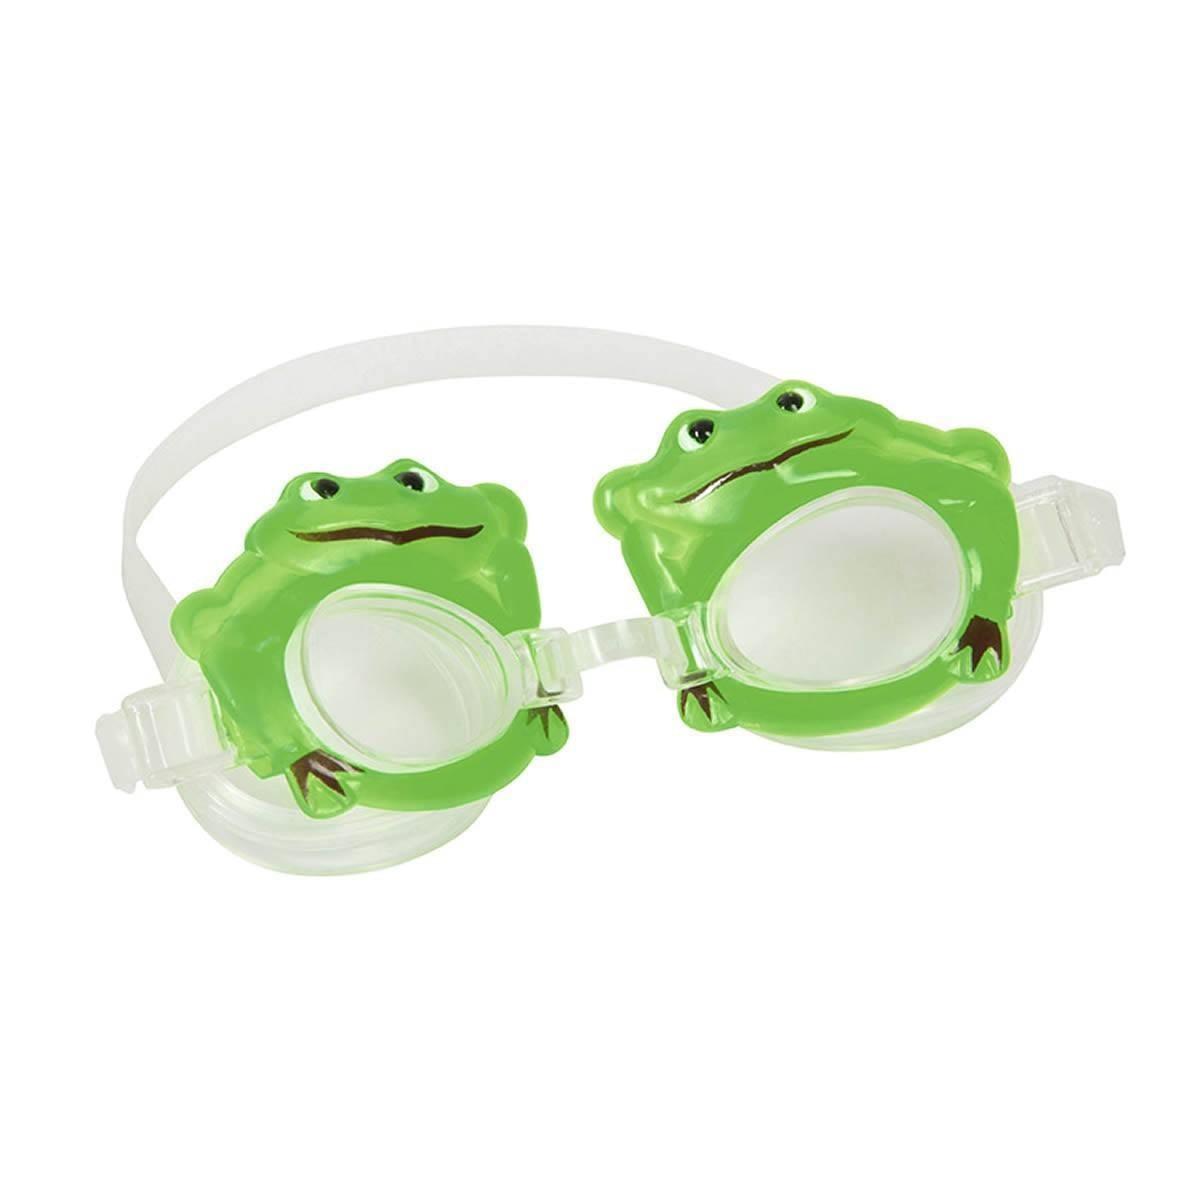 Lunettes de natation pour enfant - Motif Grenouille